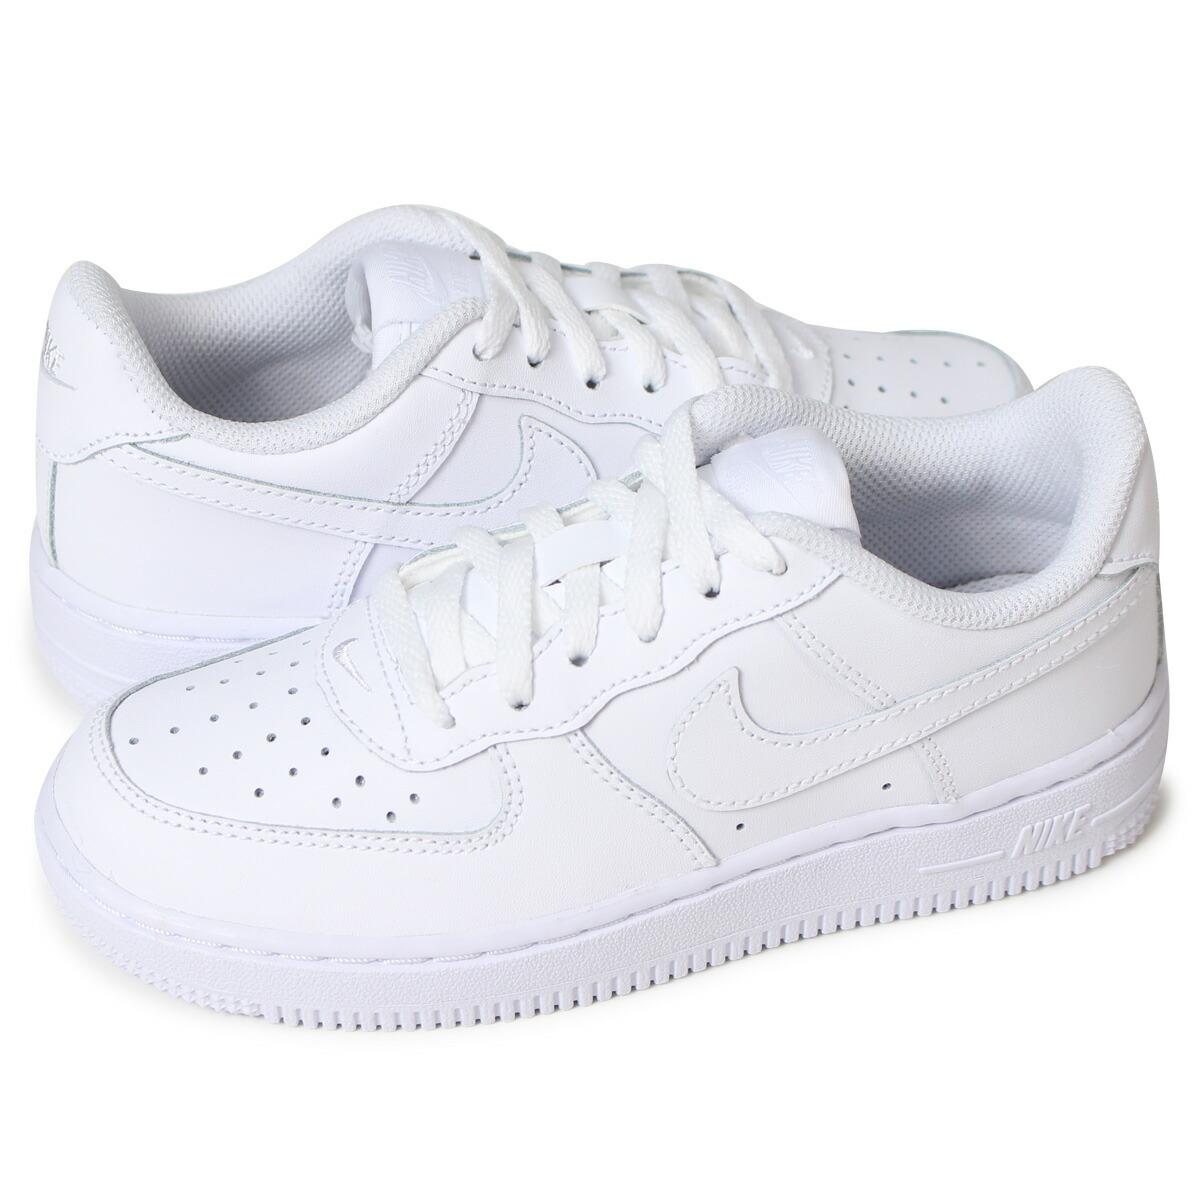 Nike NIKE air force 1 kids sneakers AIR